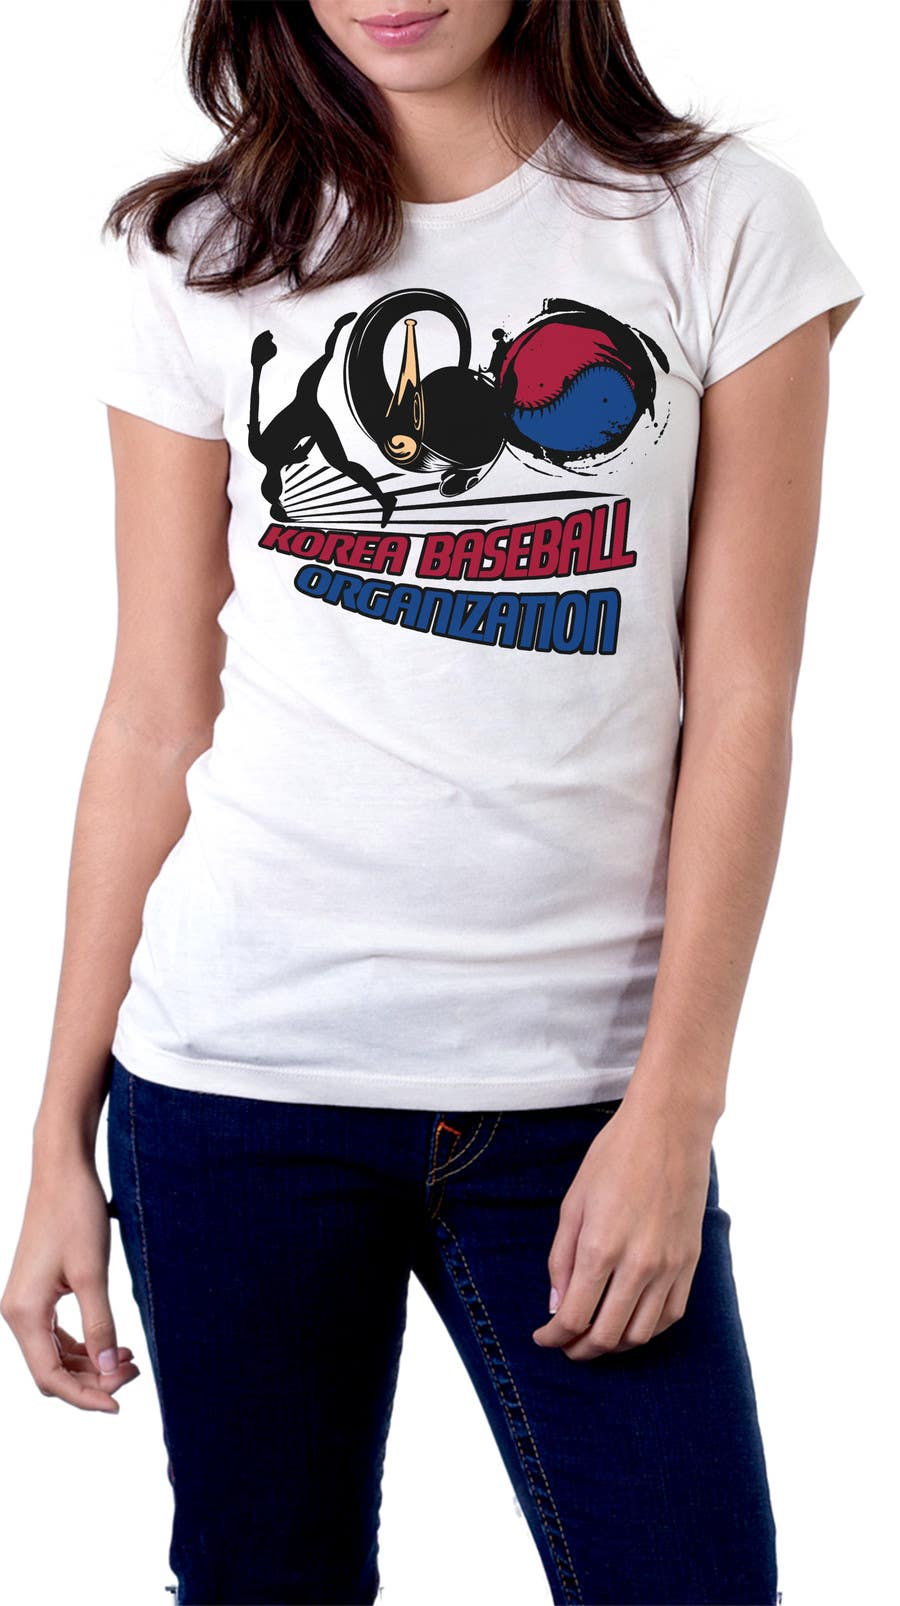 #18 for Design a T-Shirt for a Korean baseball website by mckirbz